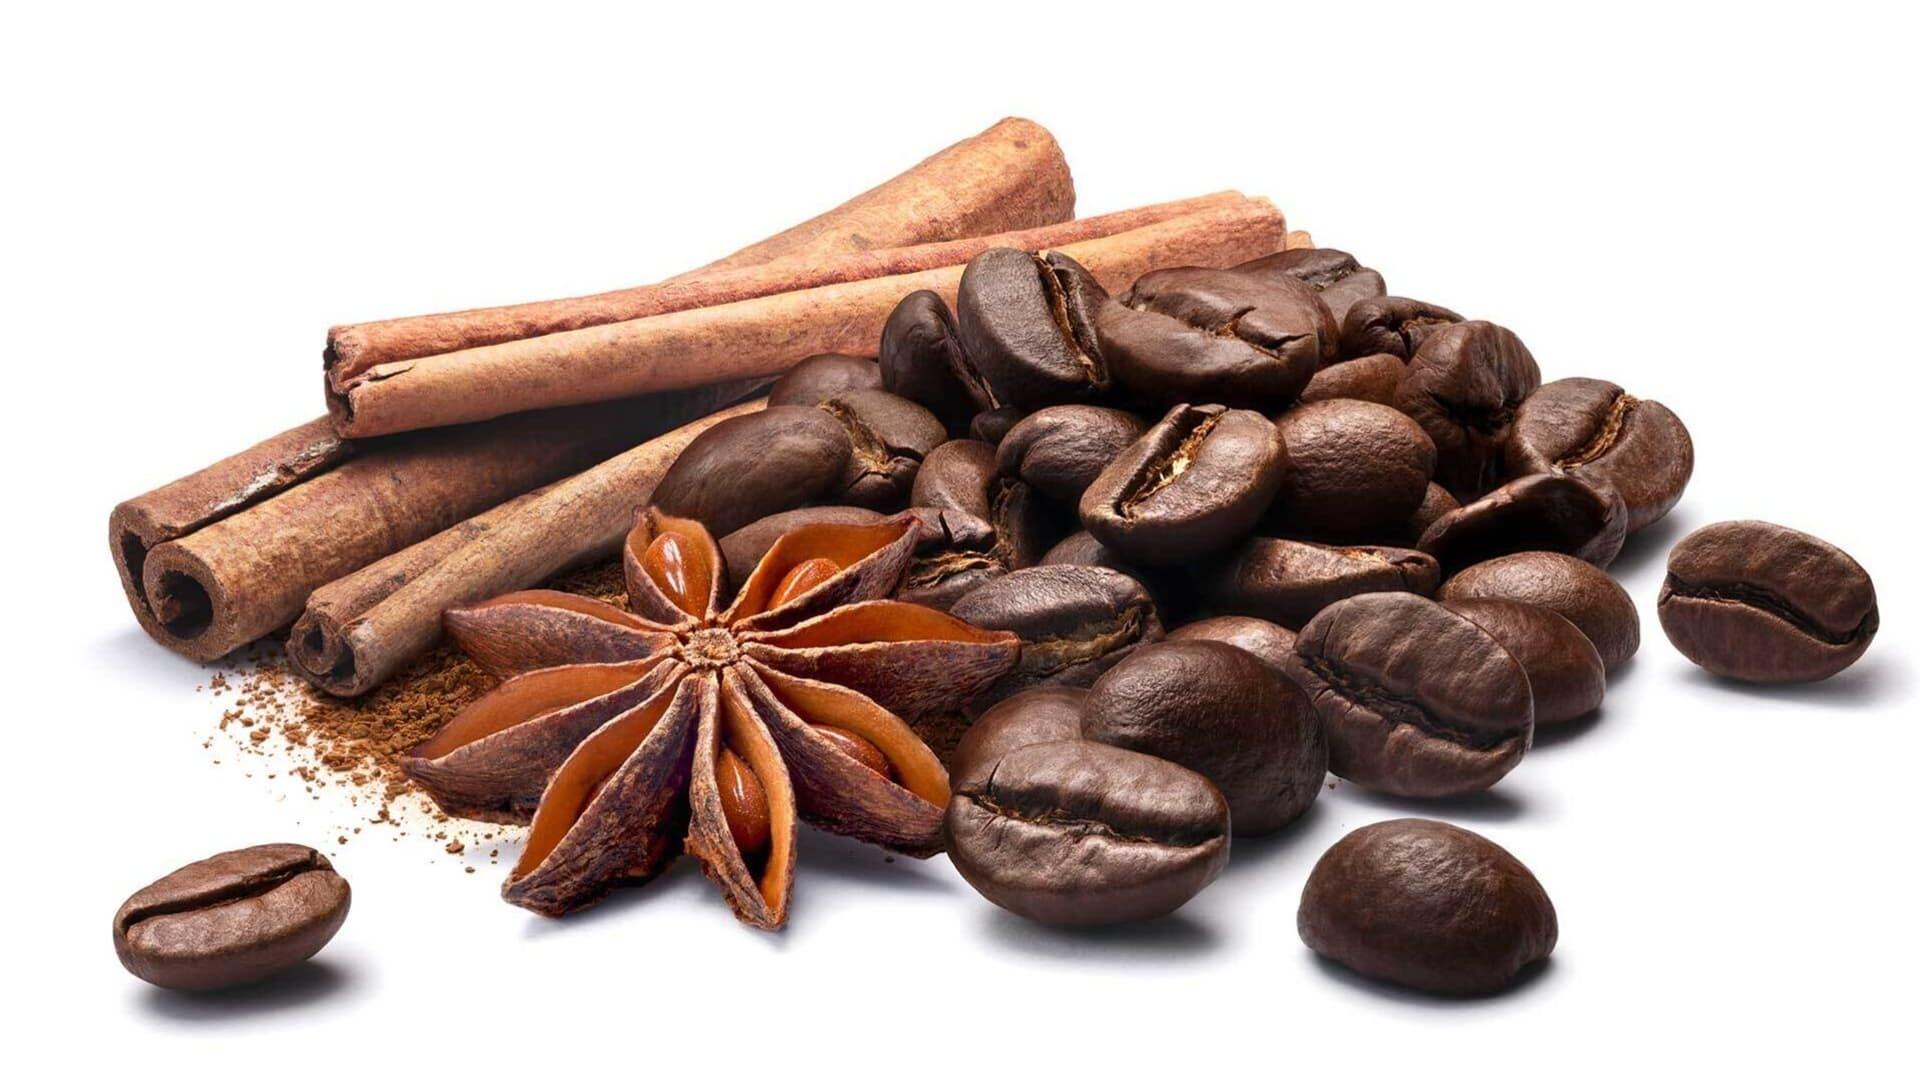 Zimt, Anis und Kaffee